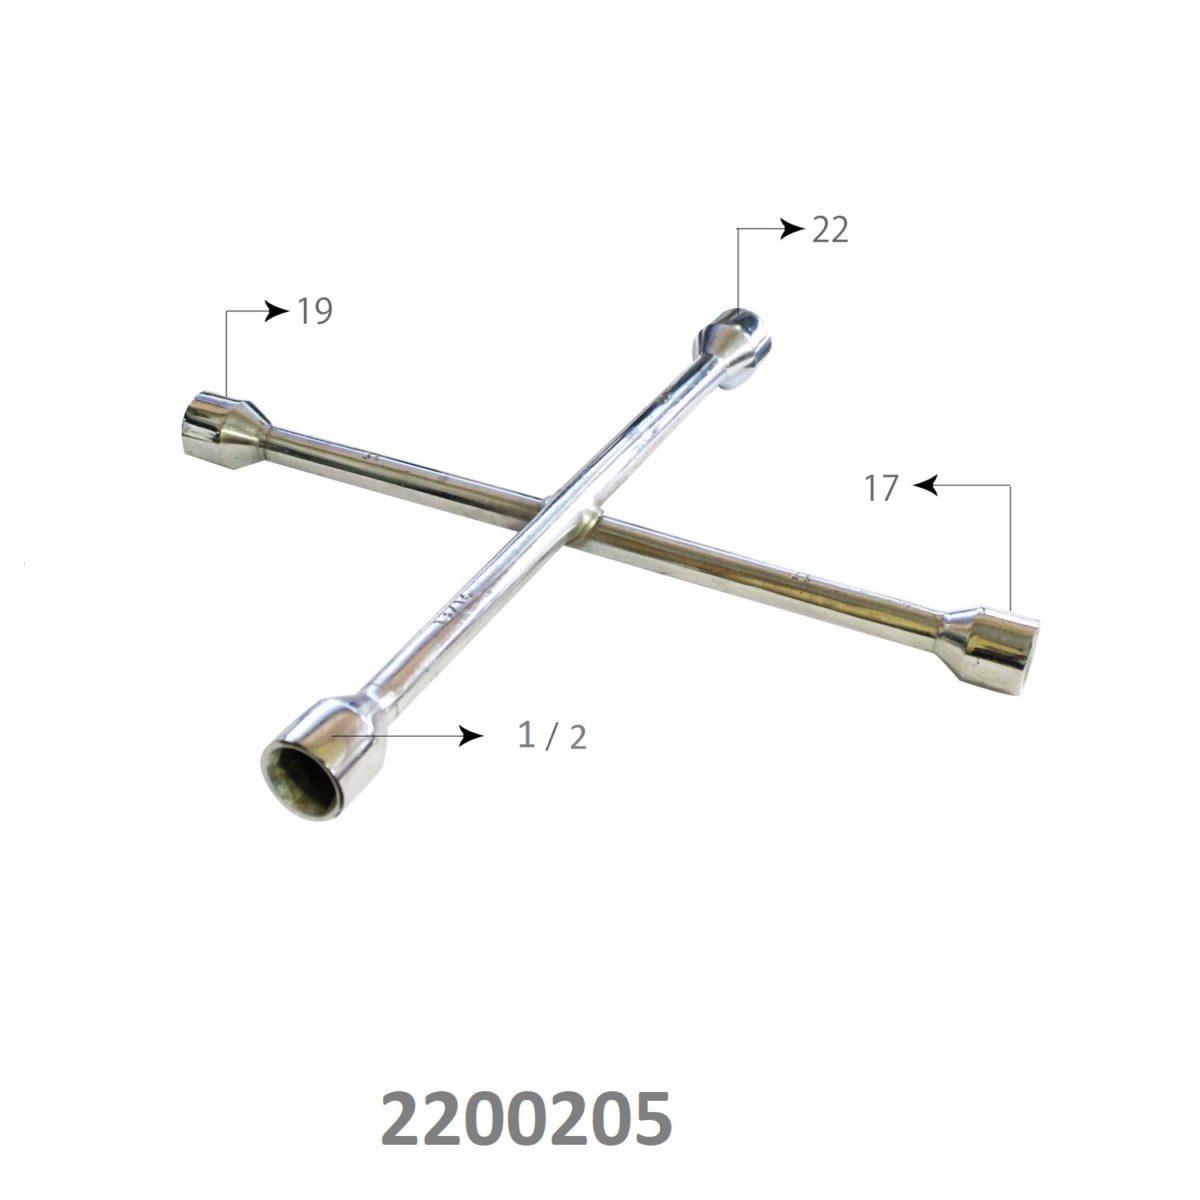 SARV Universal 4 way Cross Hex ,Wheel Nut Wrench 17mm X19mmx22mmx1/2″